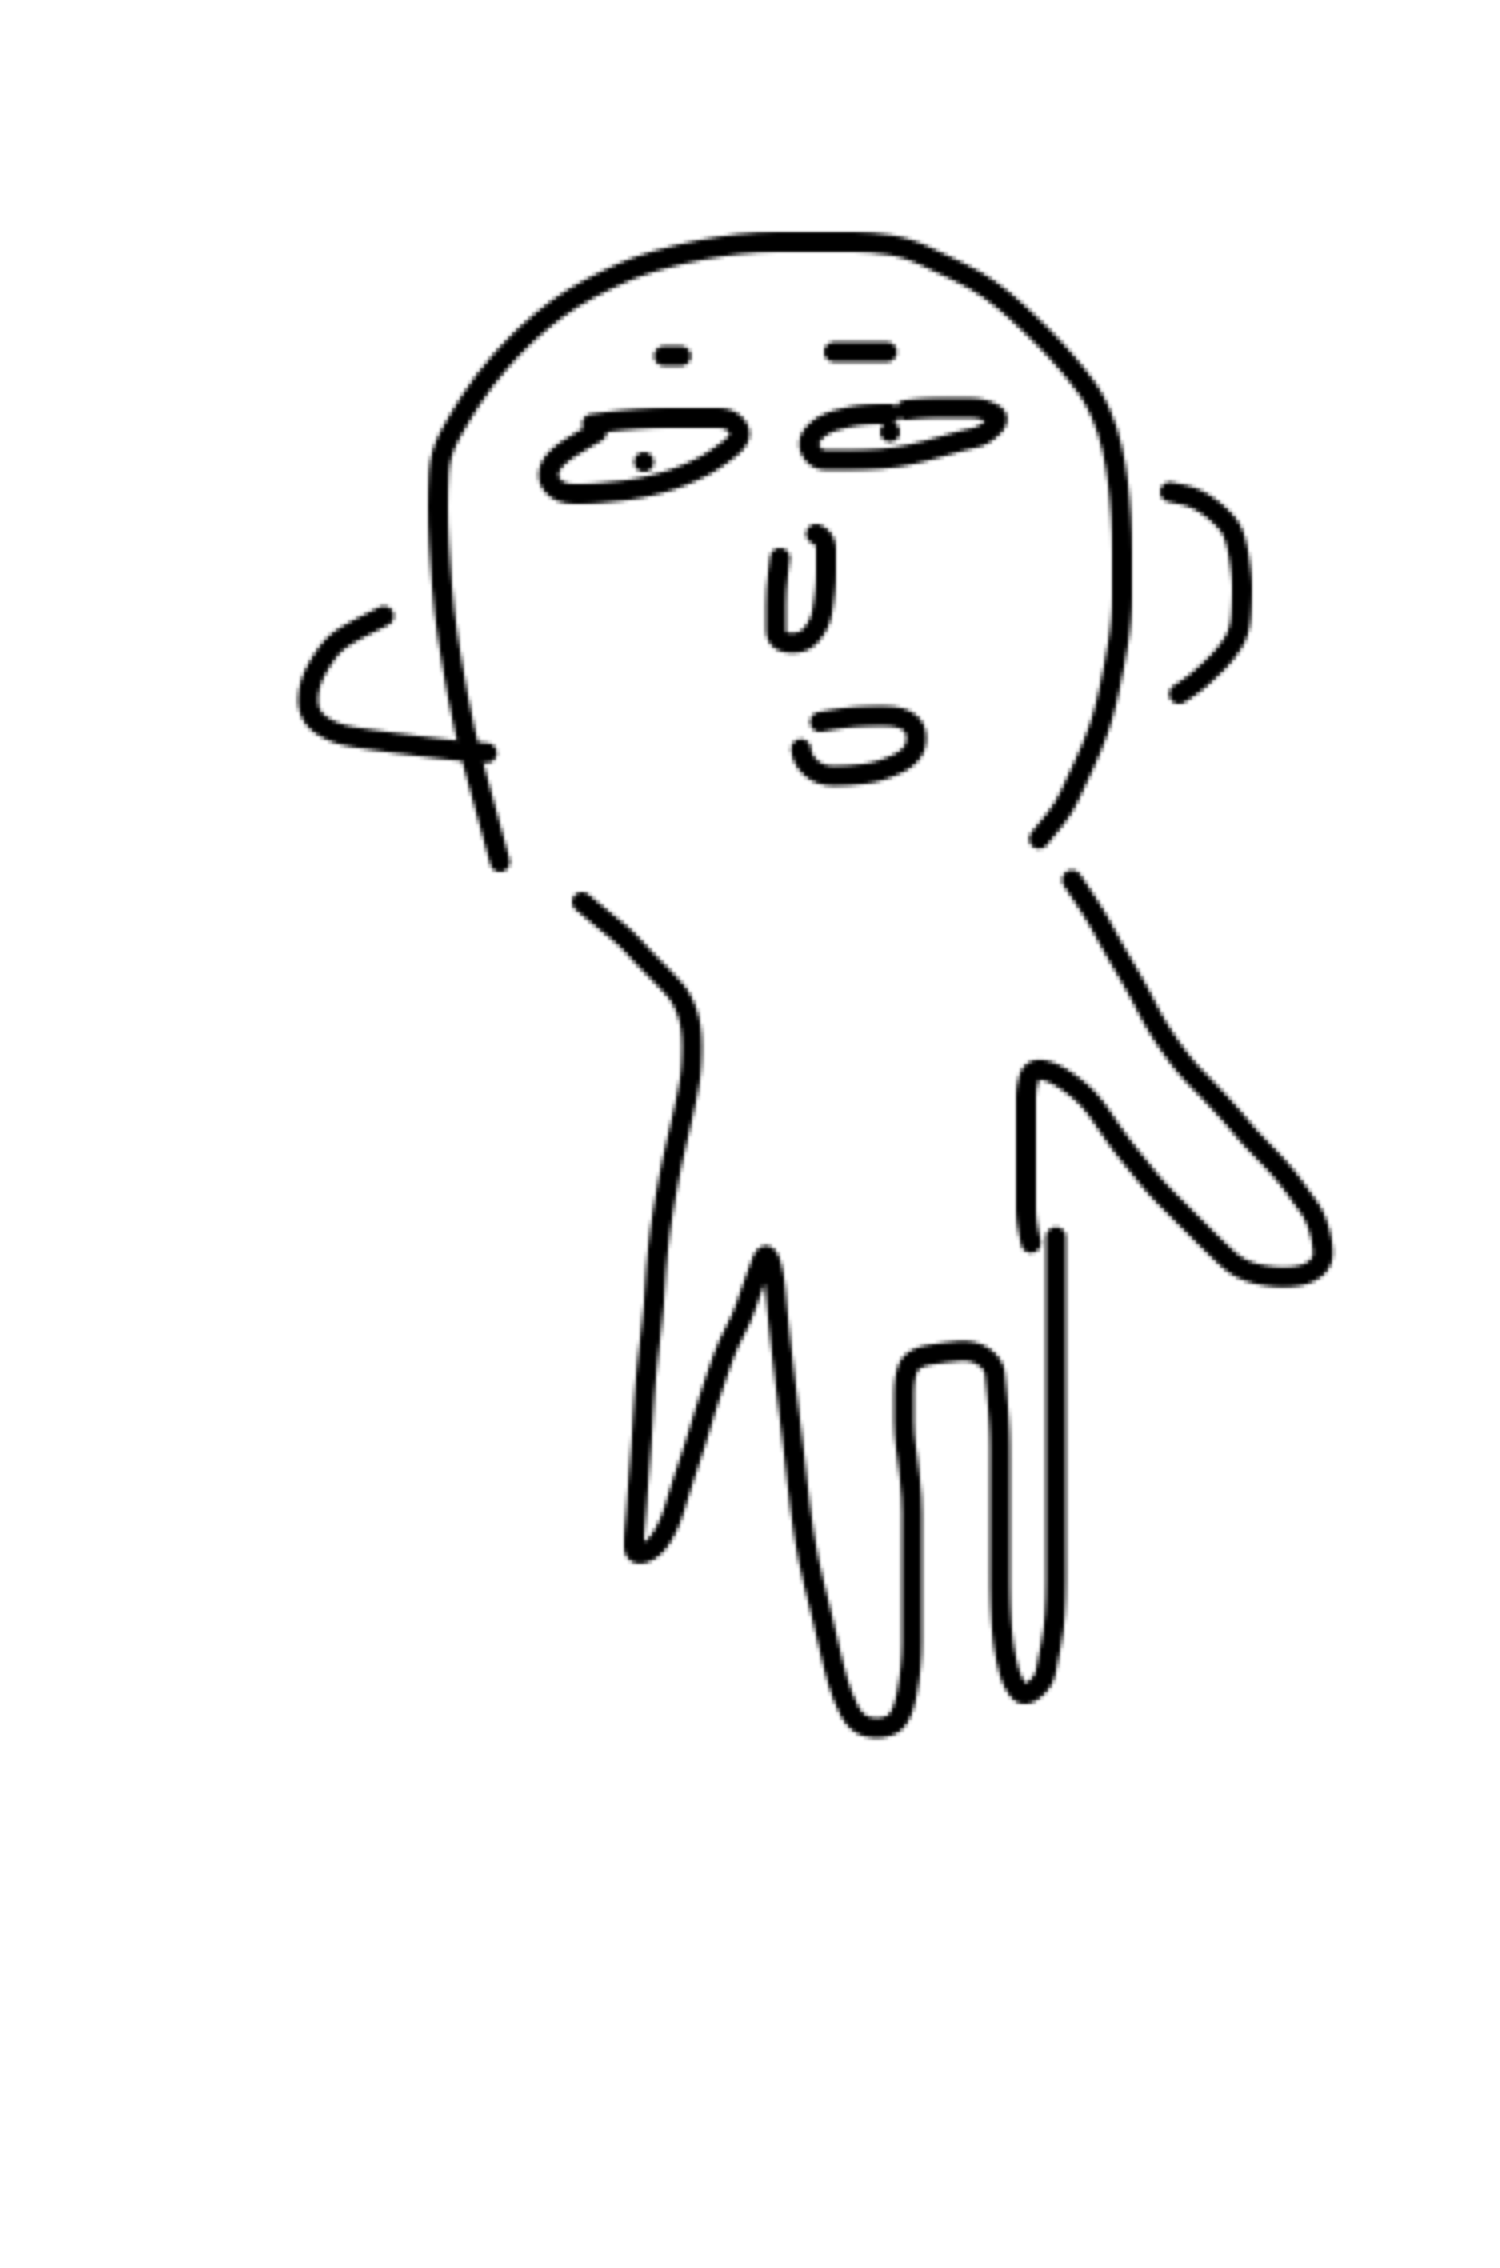 30日間人間を描き続けるトピpart6【絵トピ】